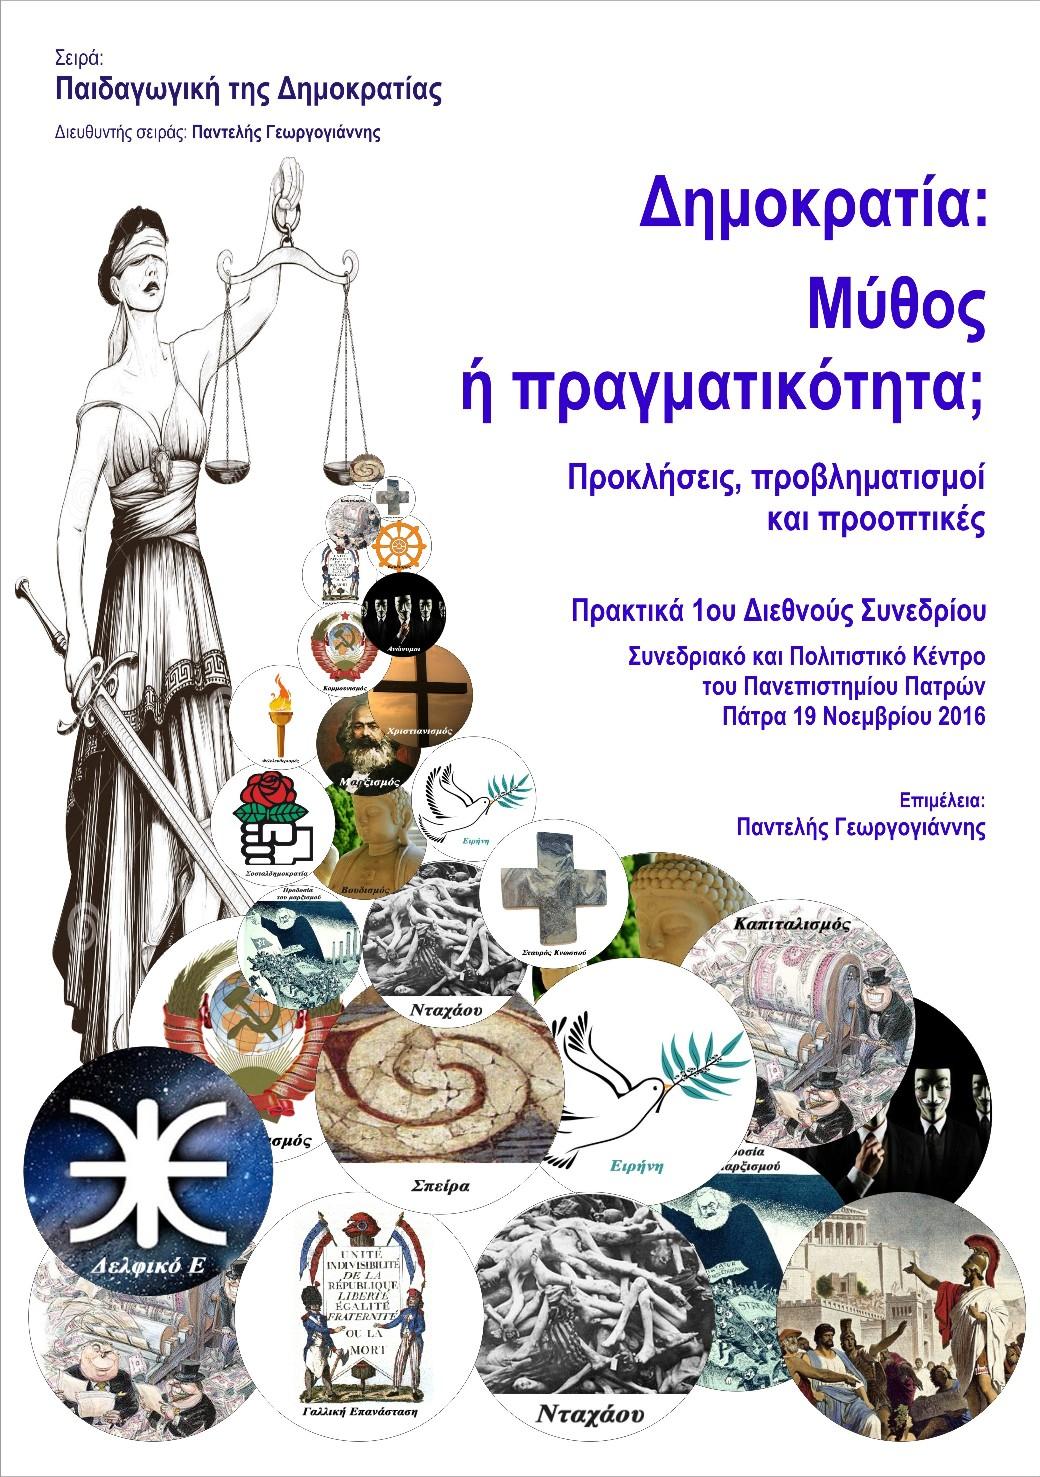 """1ο Συνέδριο """"Δημοκρατία: Μύθος ή Πραγματικότητα;"""""""